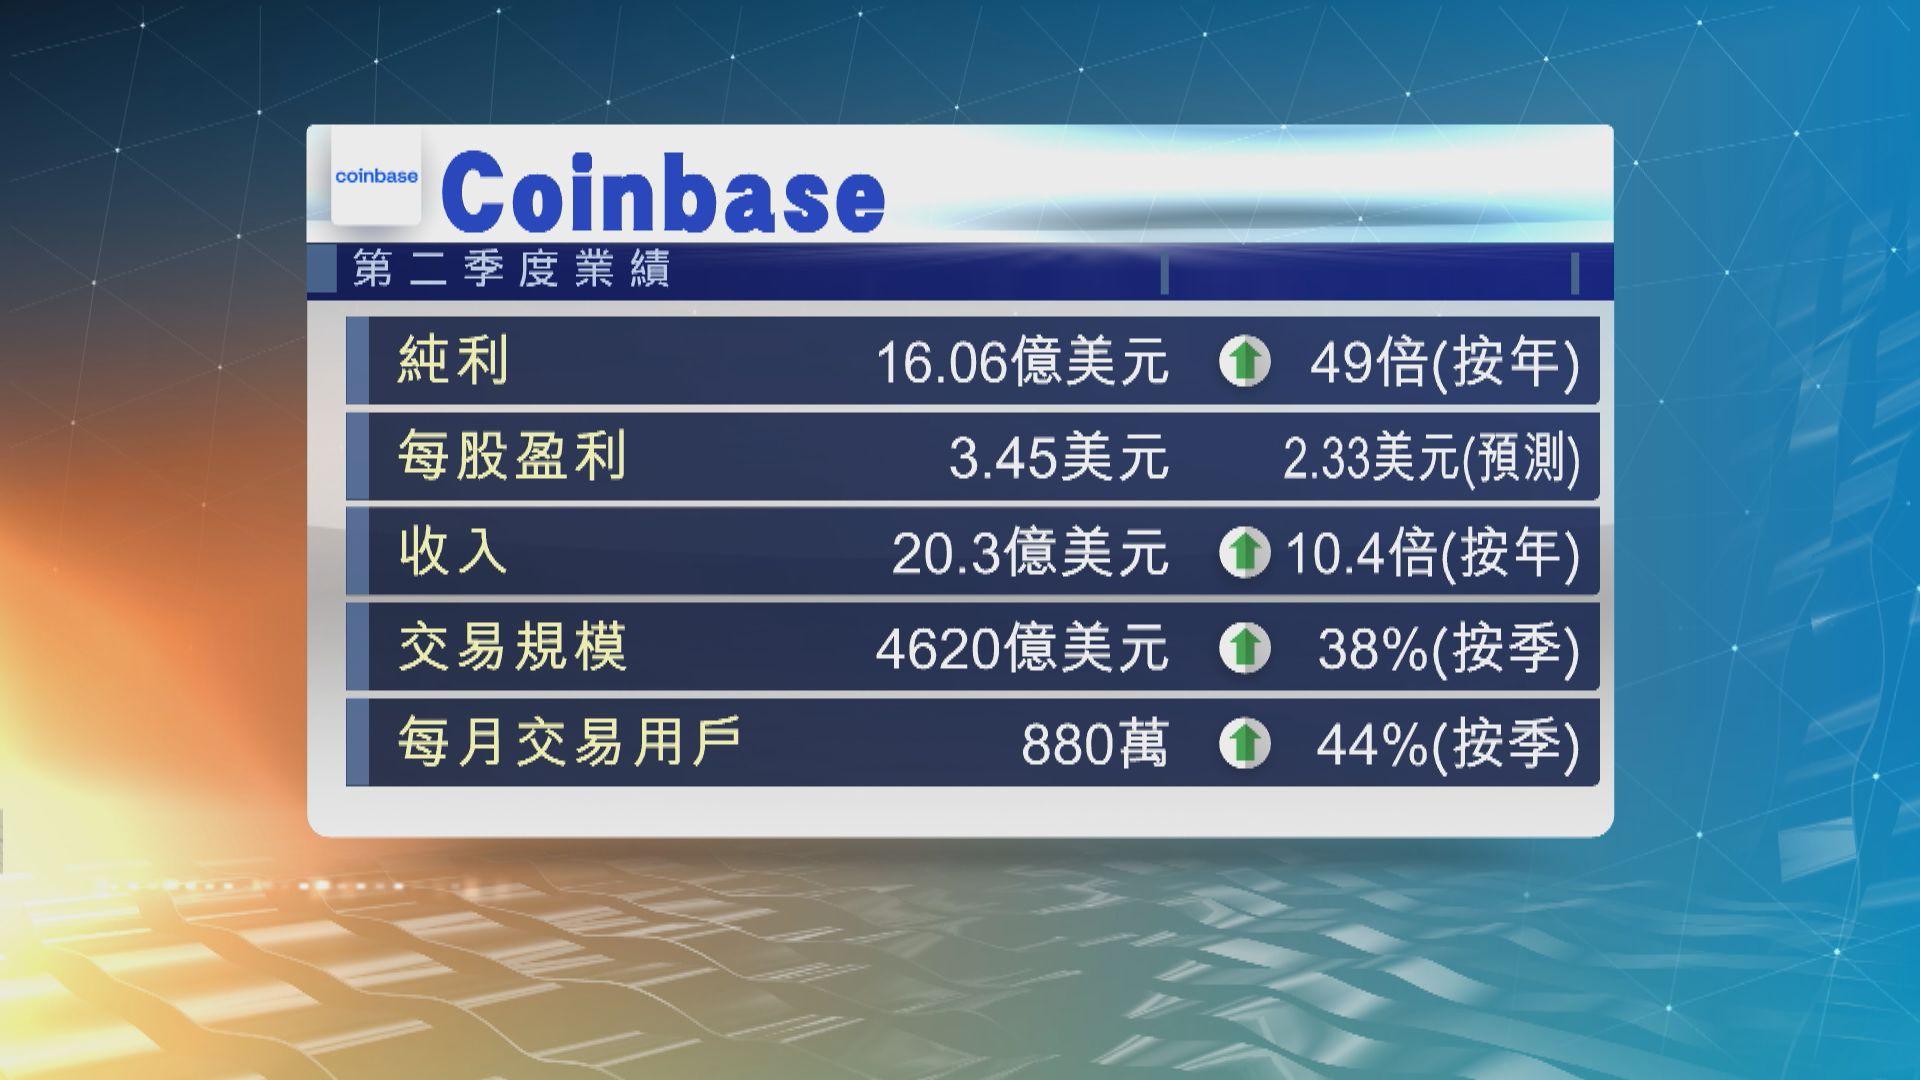 Coinbase第2季純利大升49倍